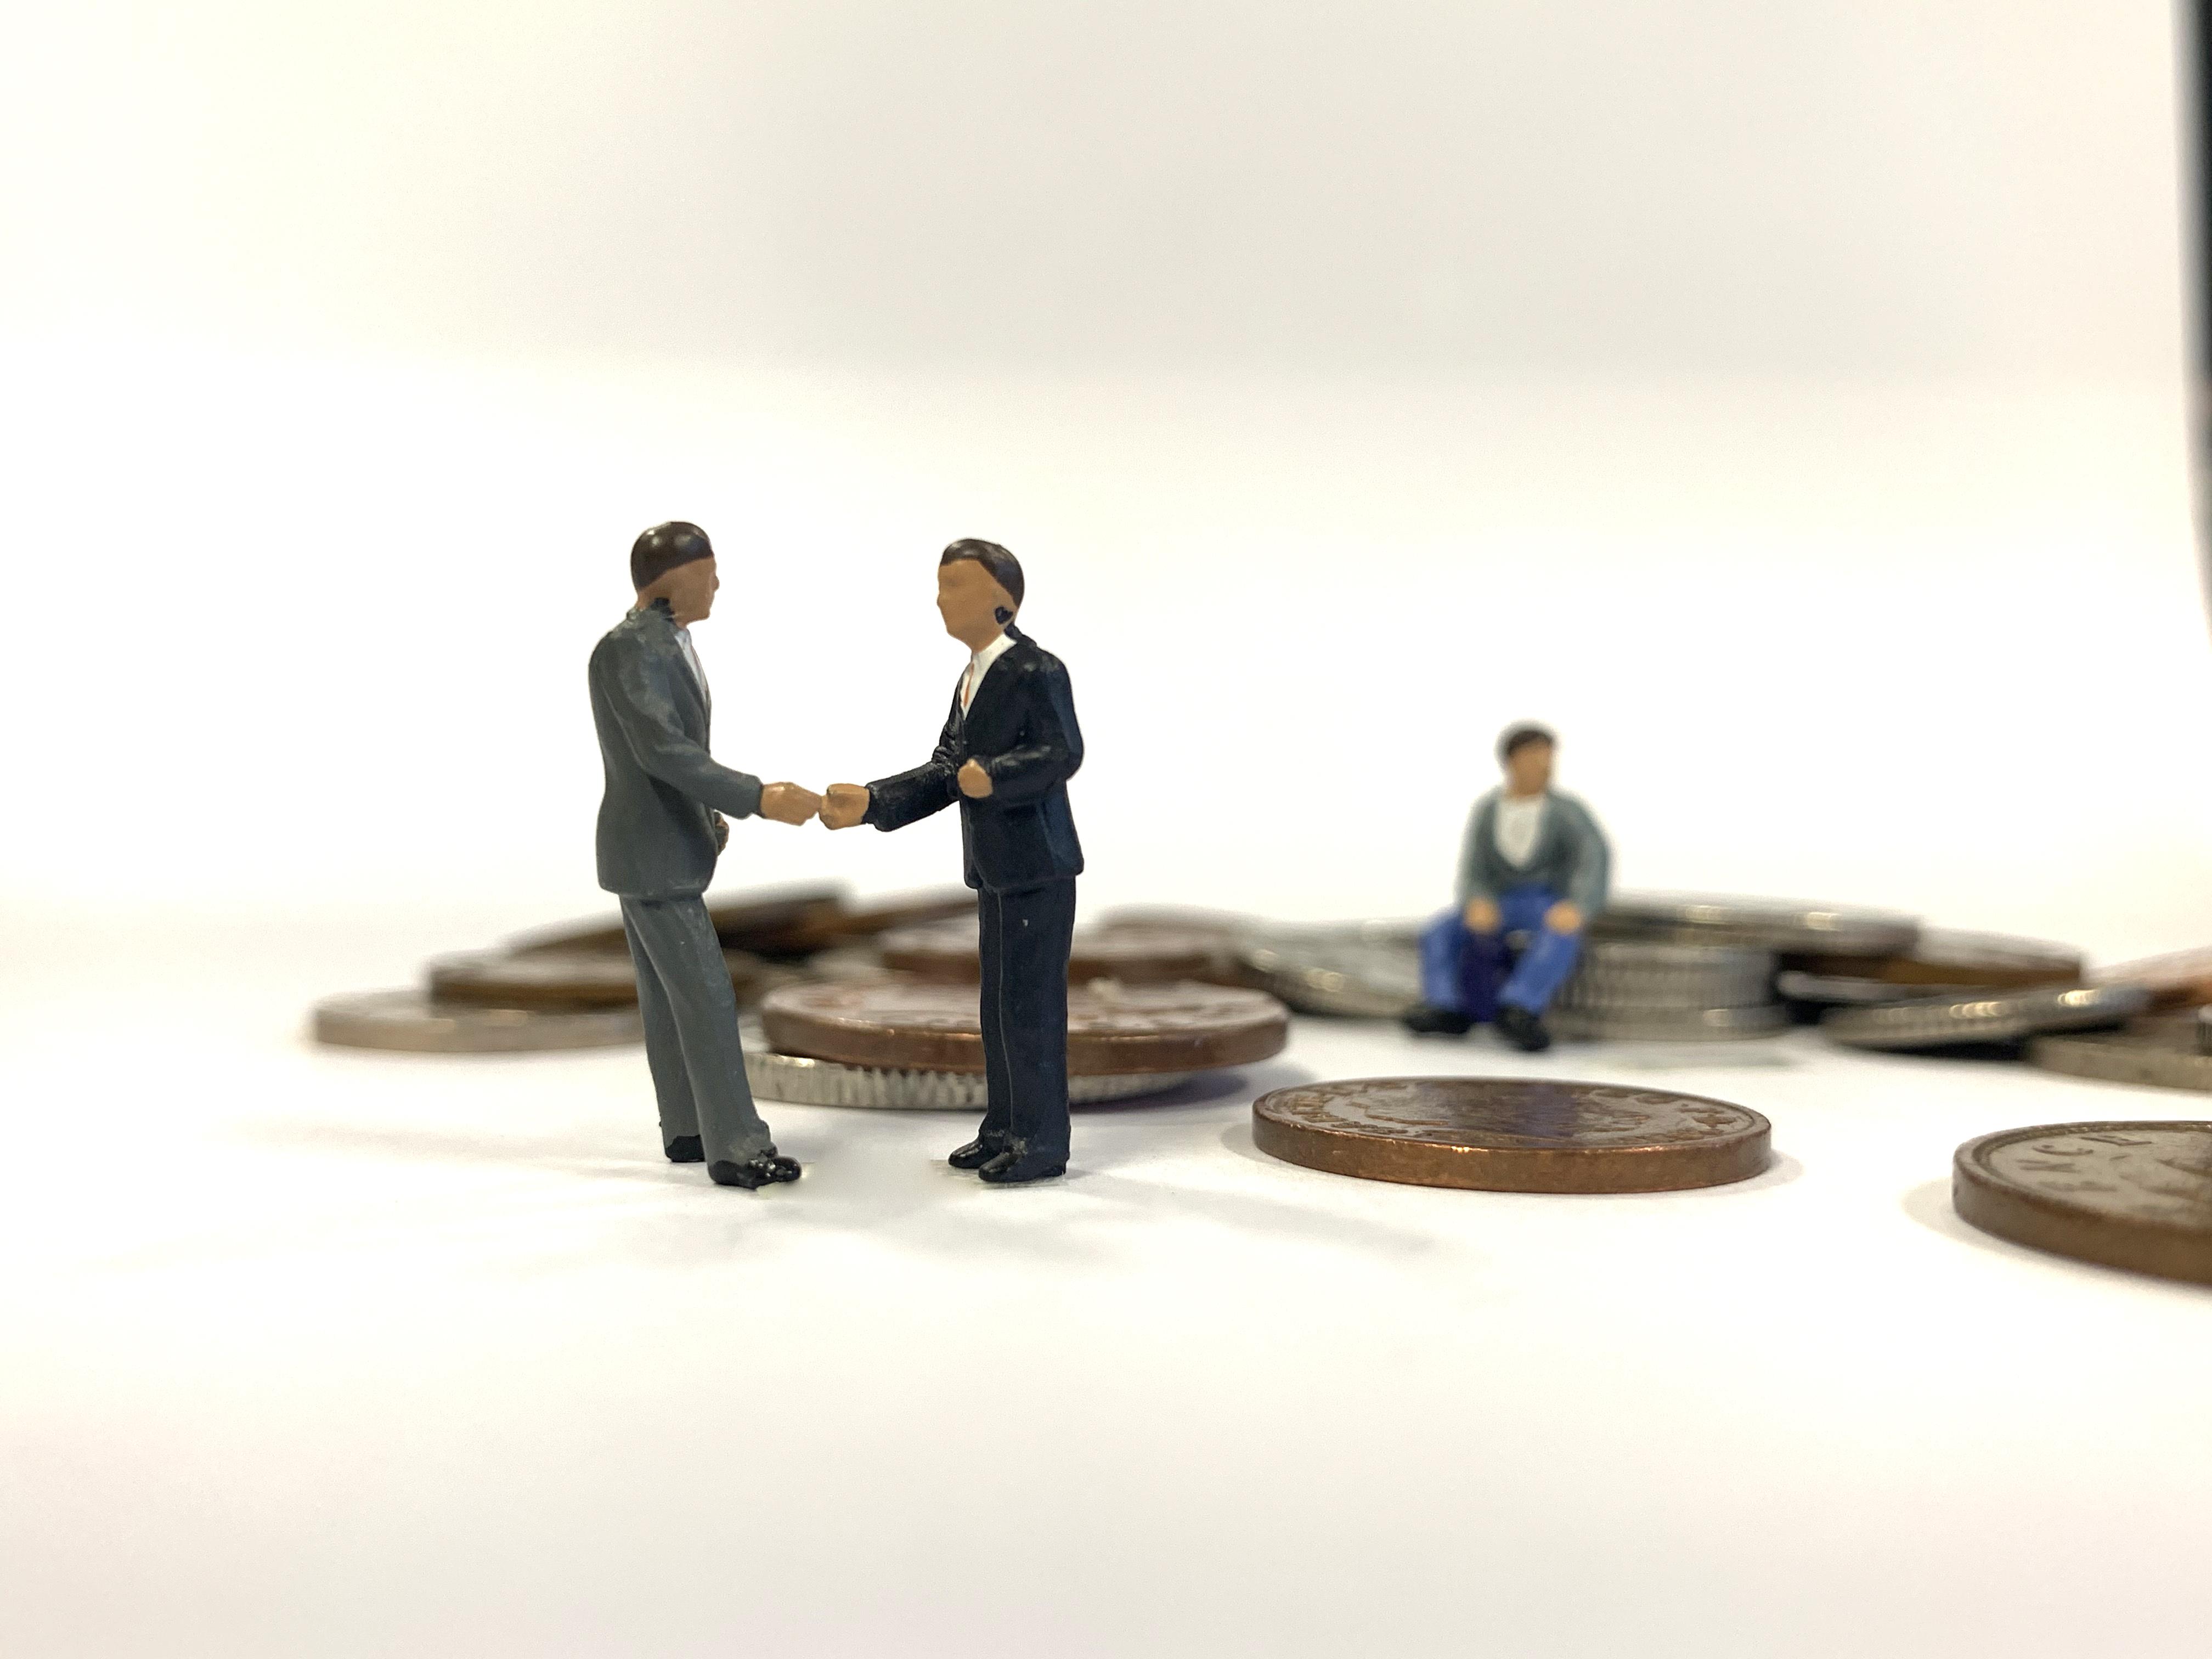 Handshake fallen coins